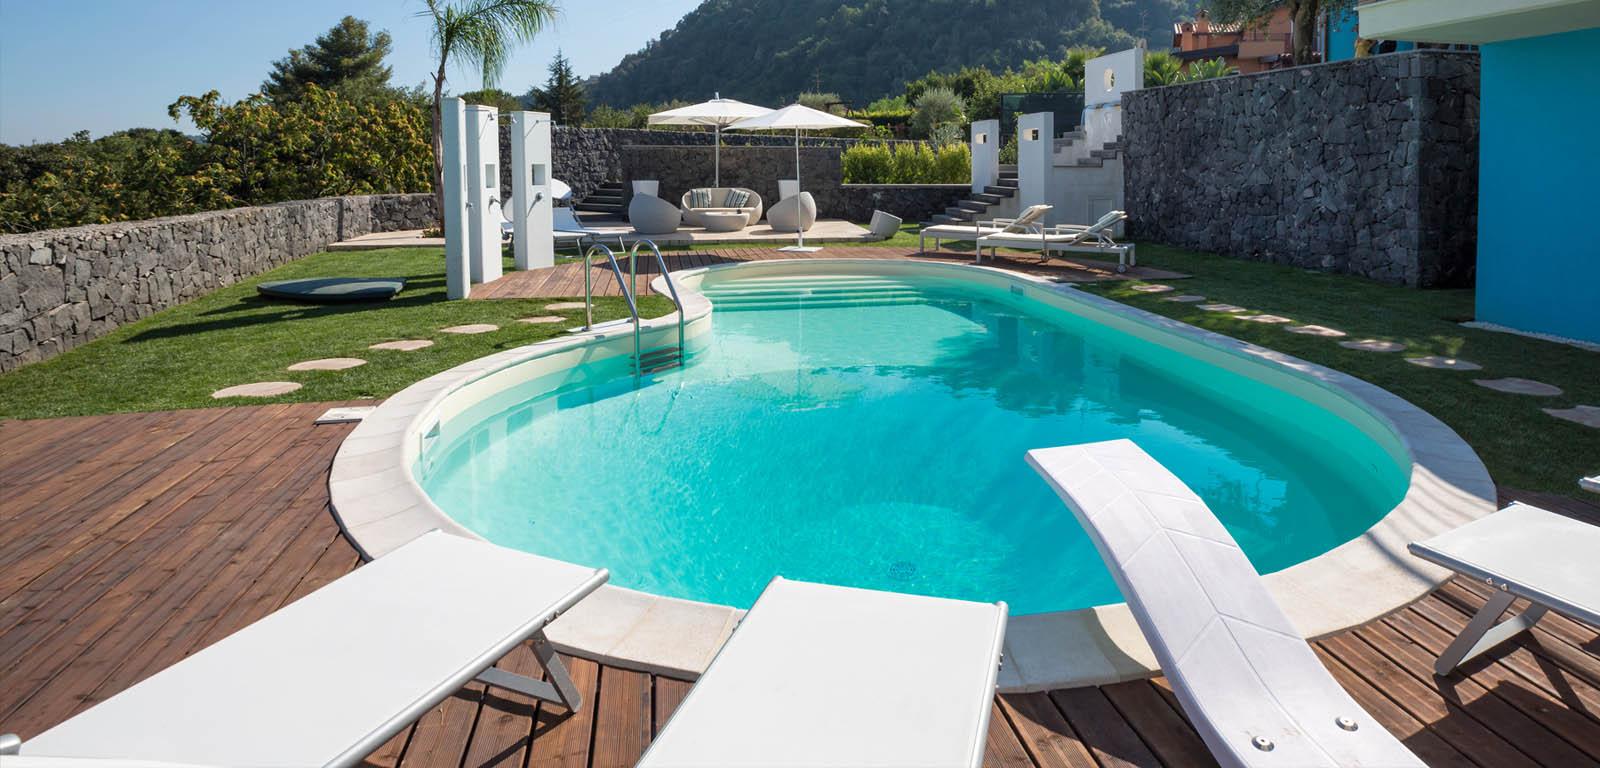 Piscine in giardino piscine castiglione for Piscine da giardino interrate